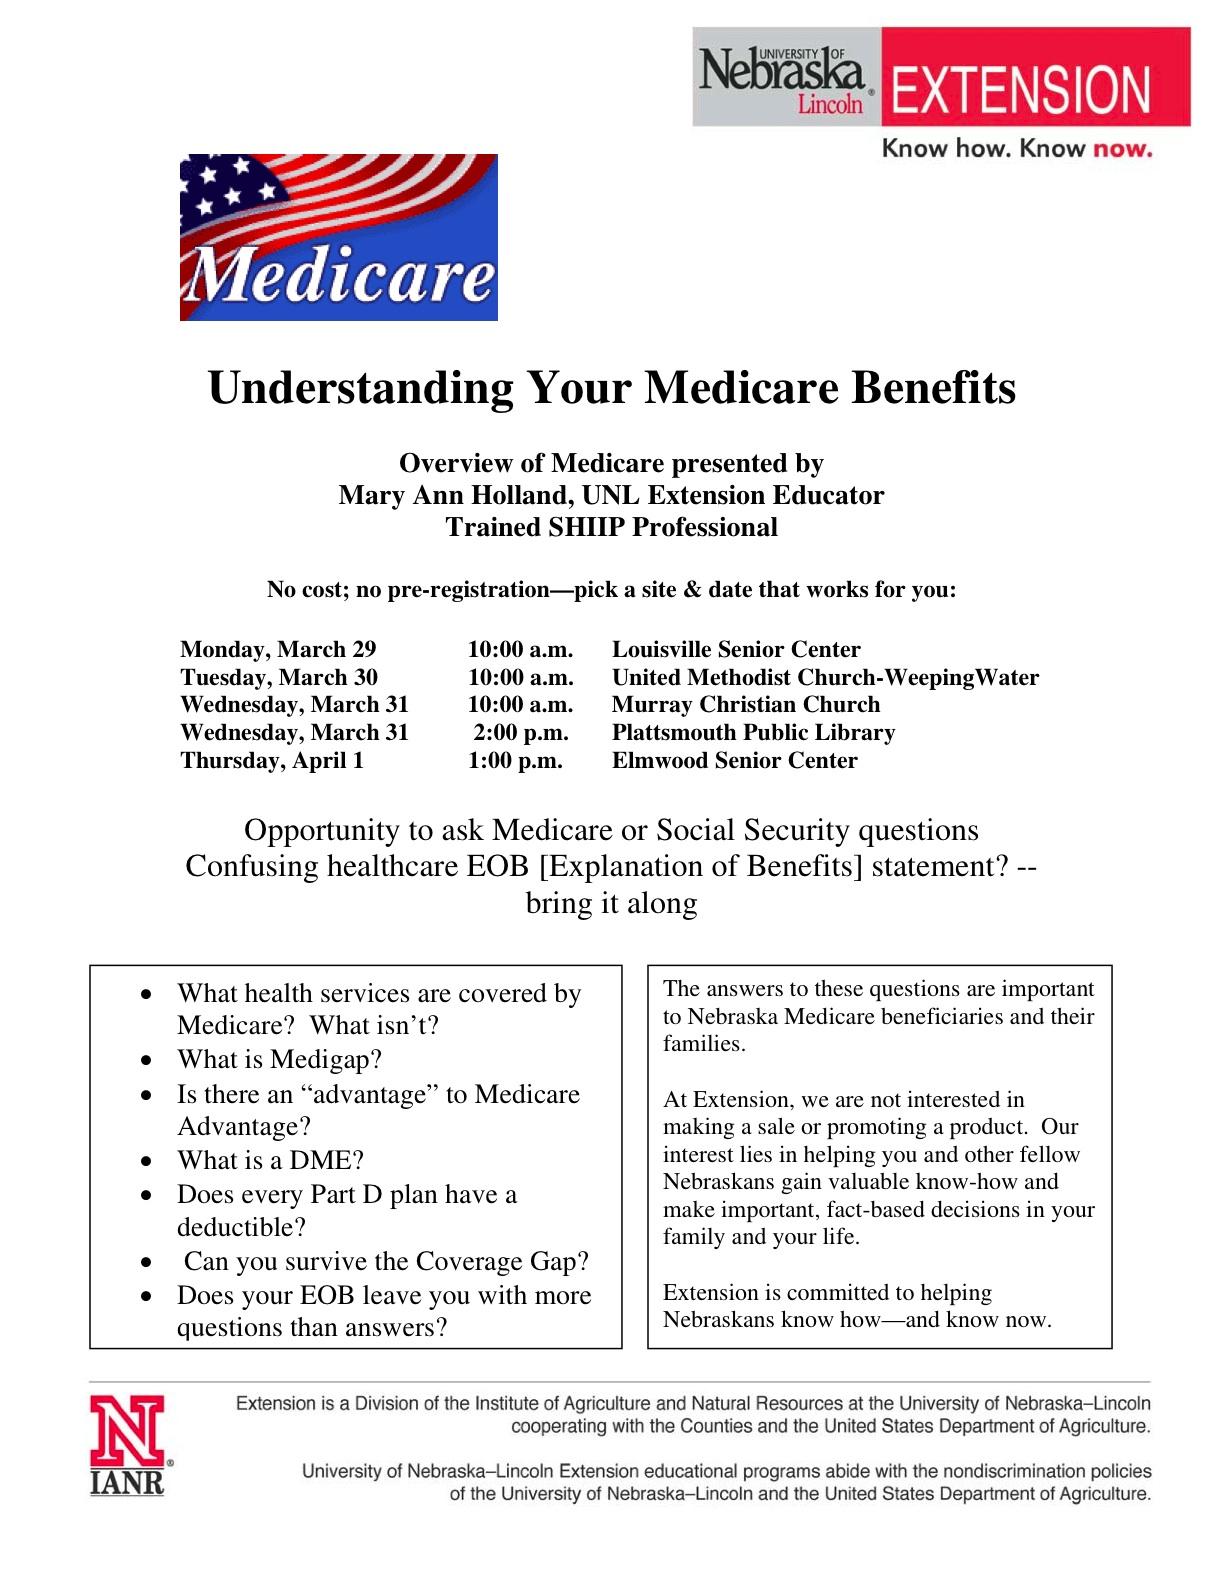 2010understandingmedicare.jpg